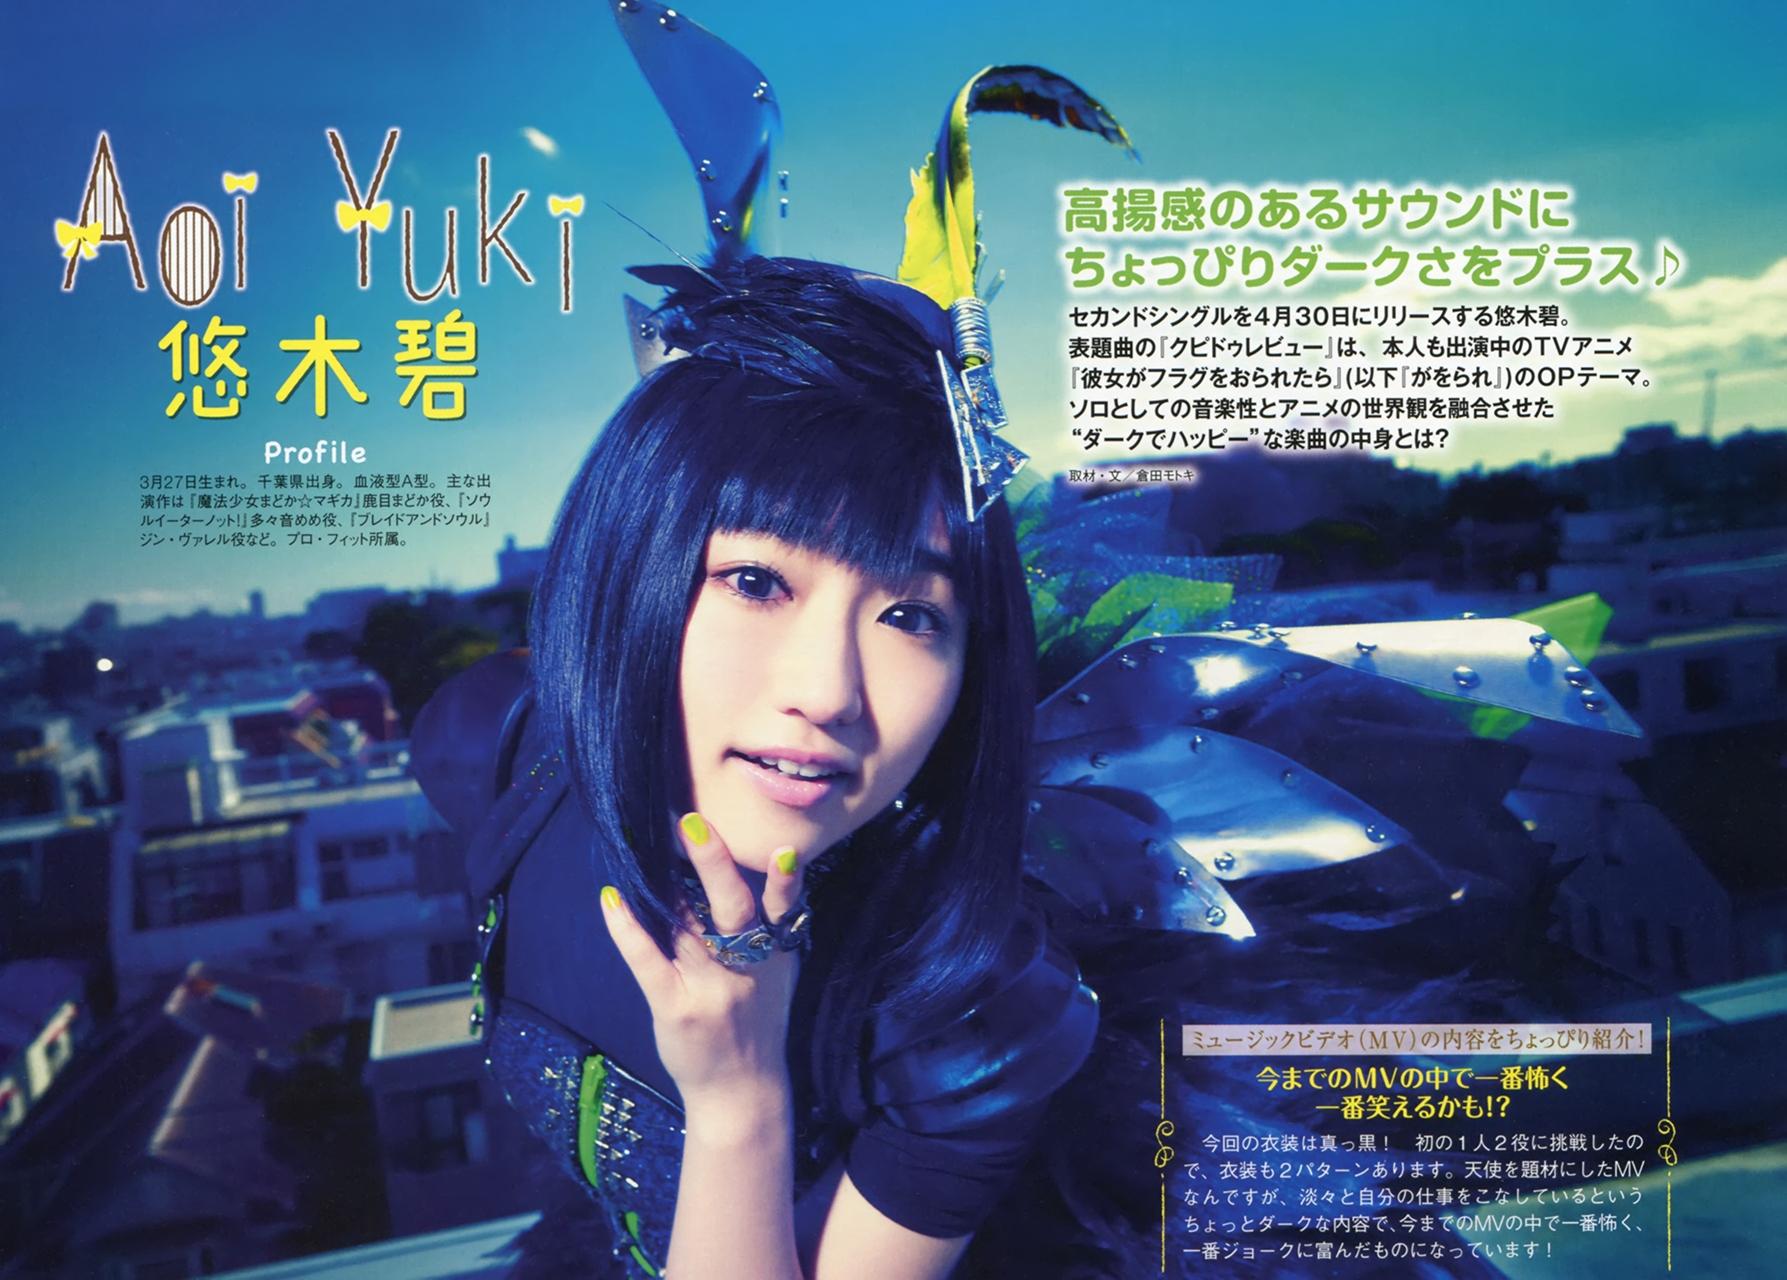 yuuki_aoi061.jpg